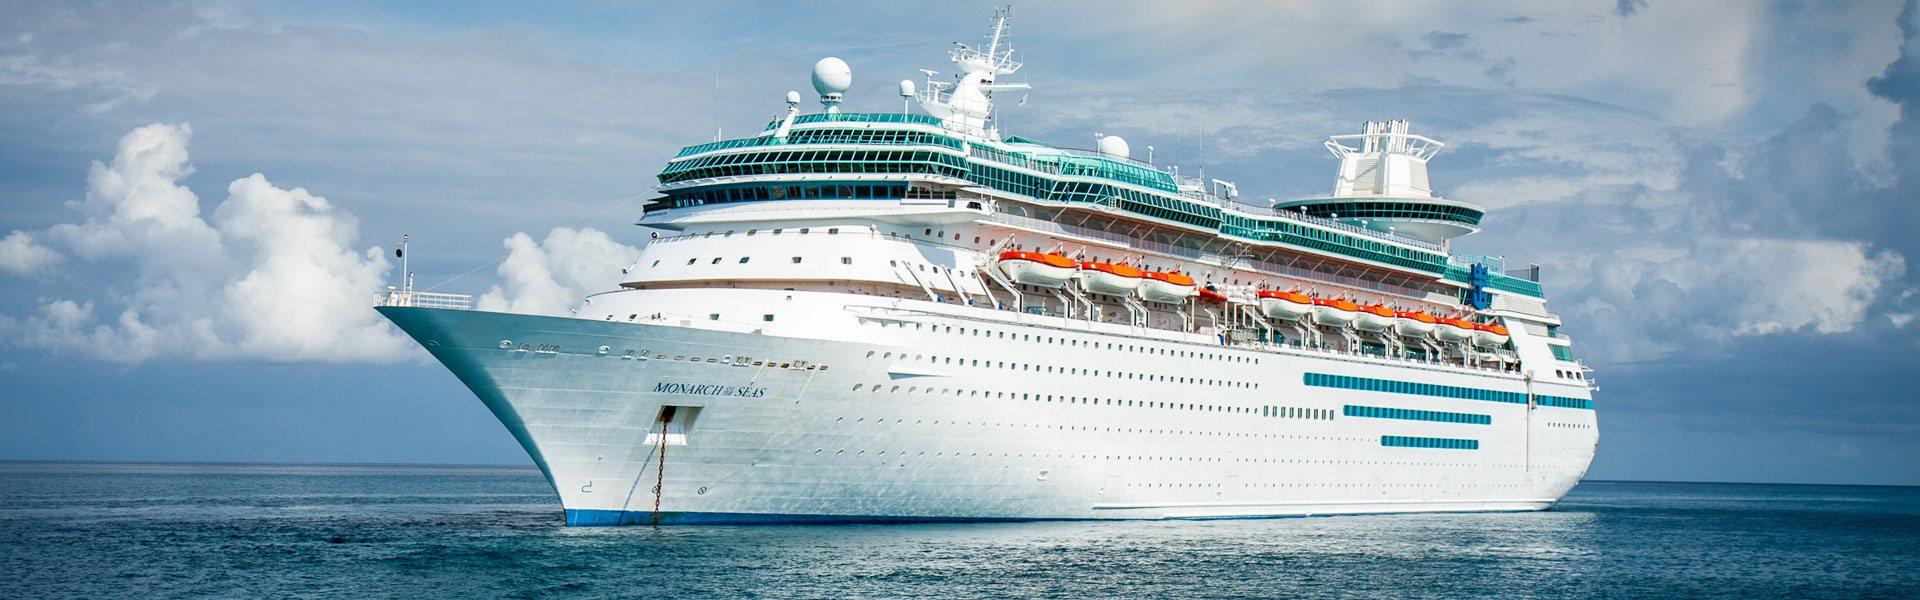 atlantic - Cruise Tour, Family Cruises, Group Cruises, Honeymoons, Luxury Cruises, CruisesWedding, Seminars at sea, Theme Cruises etc